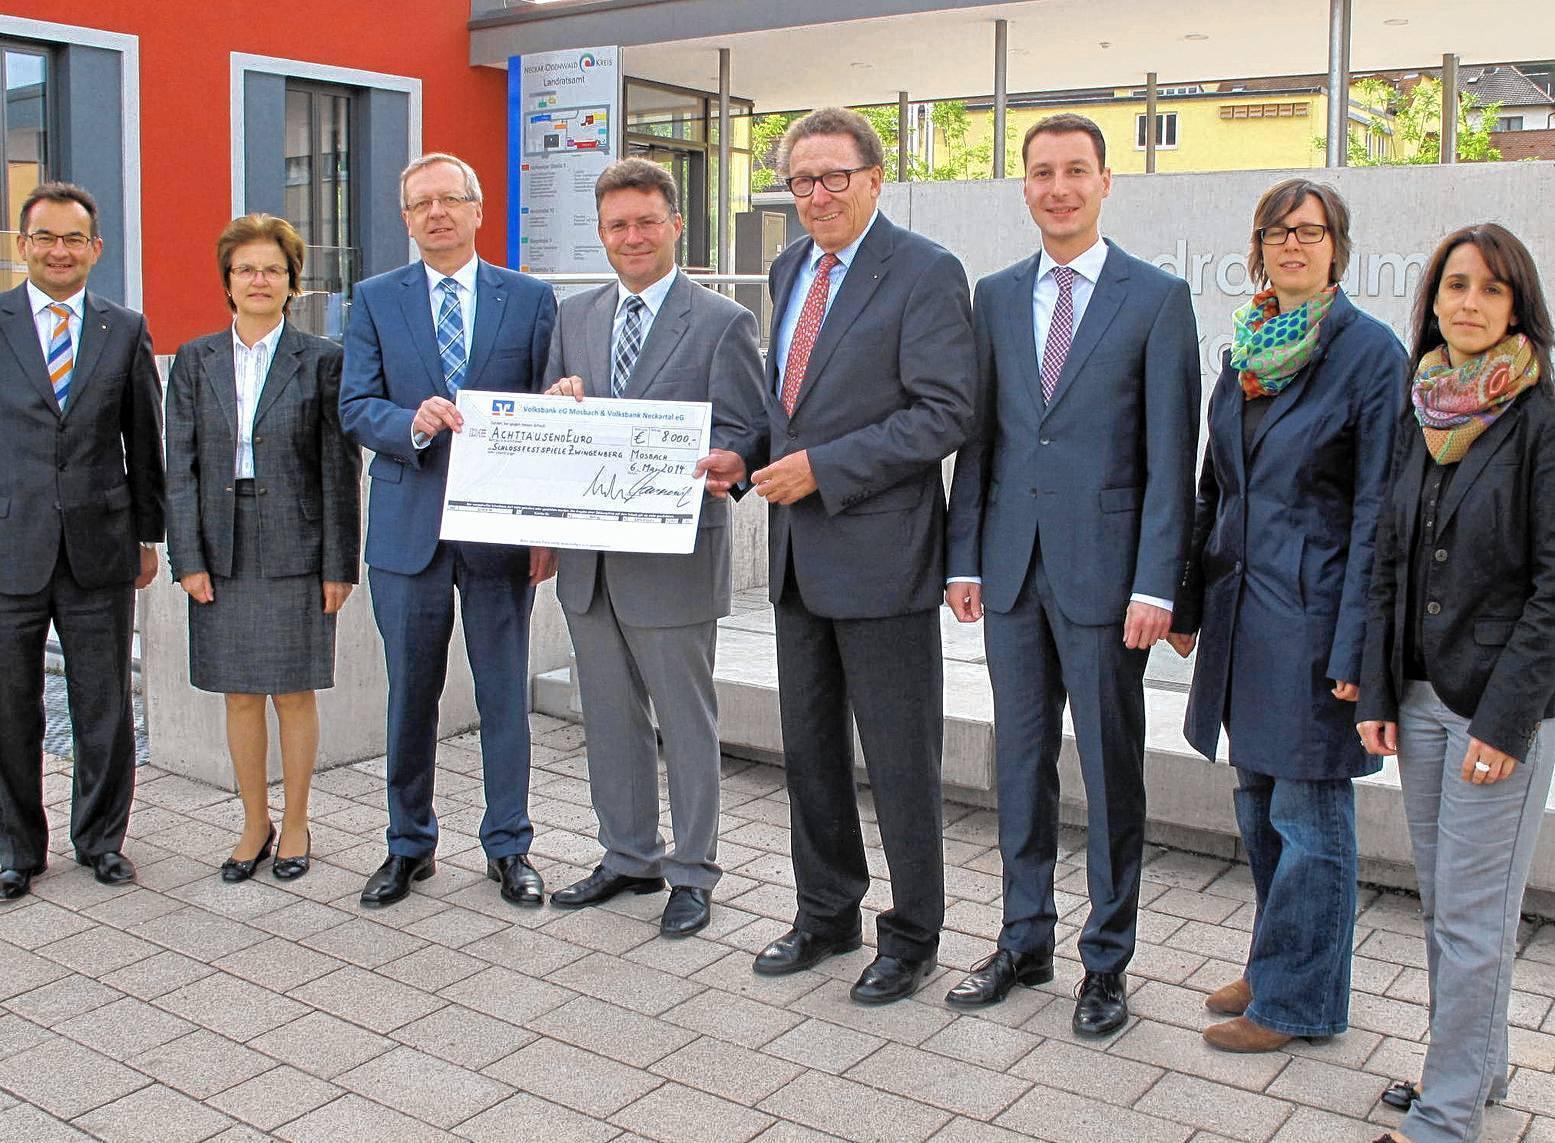 Die Volksbanken Mosbach und Neckartal unterstützen die Zwingenberger Schlossfestspiele mit einer Geldspende in Höhe von 8000 Euro.